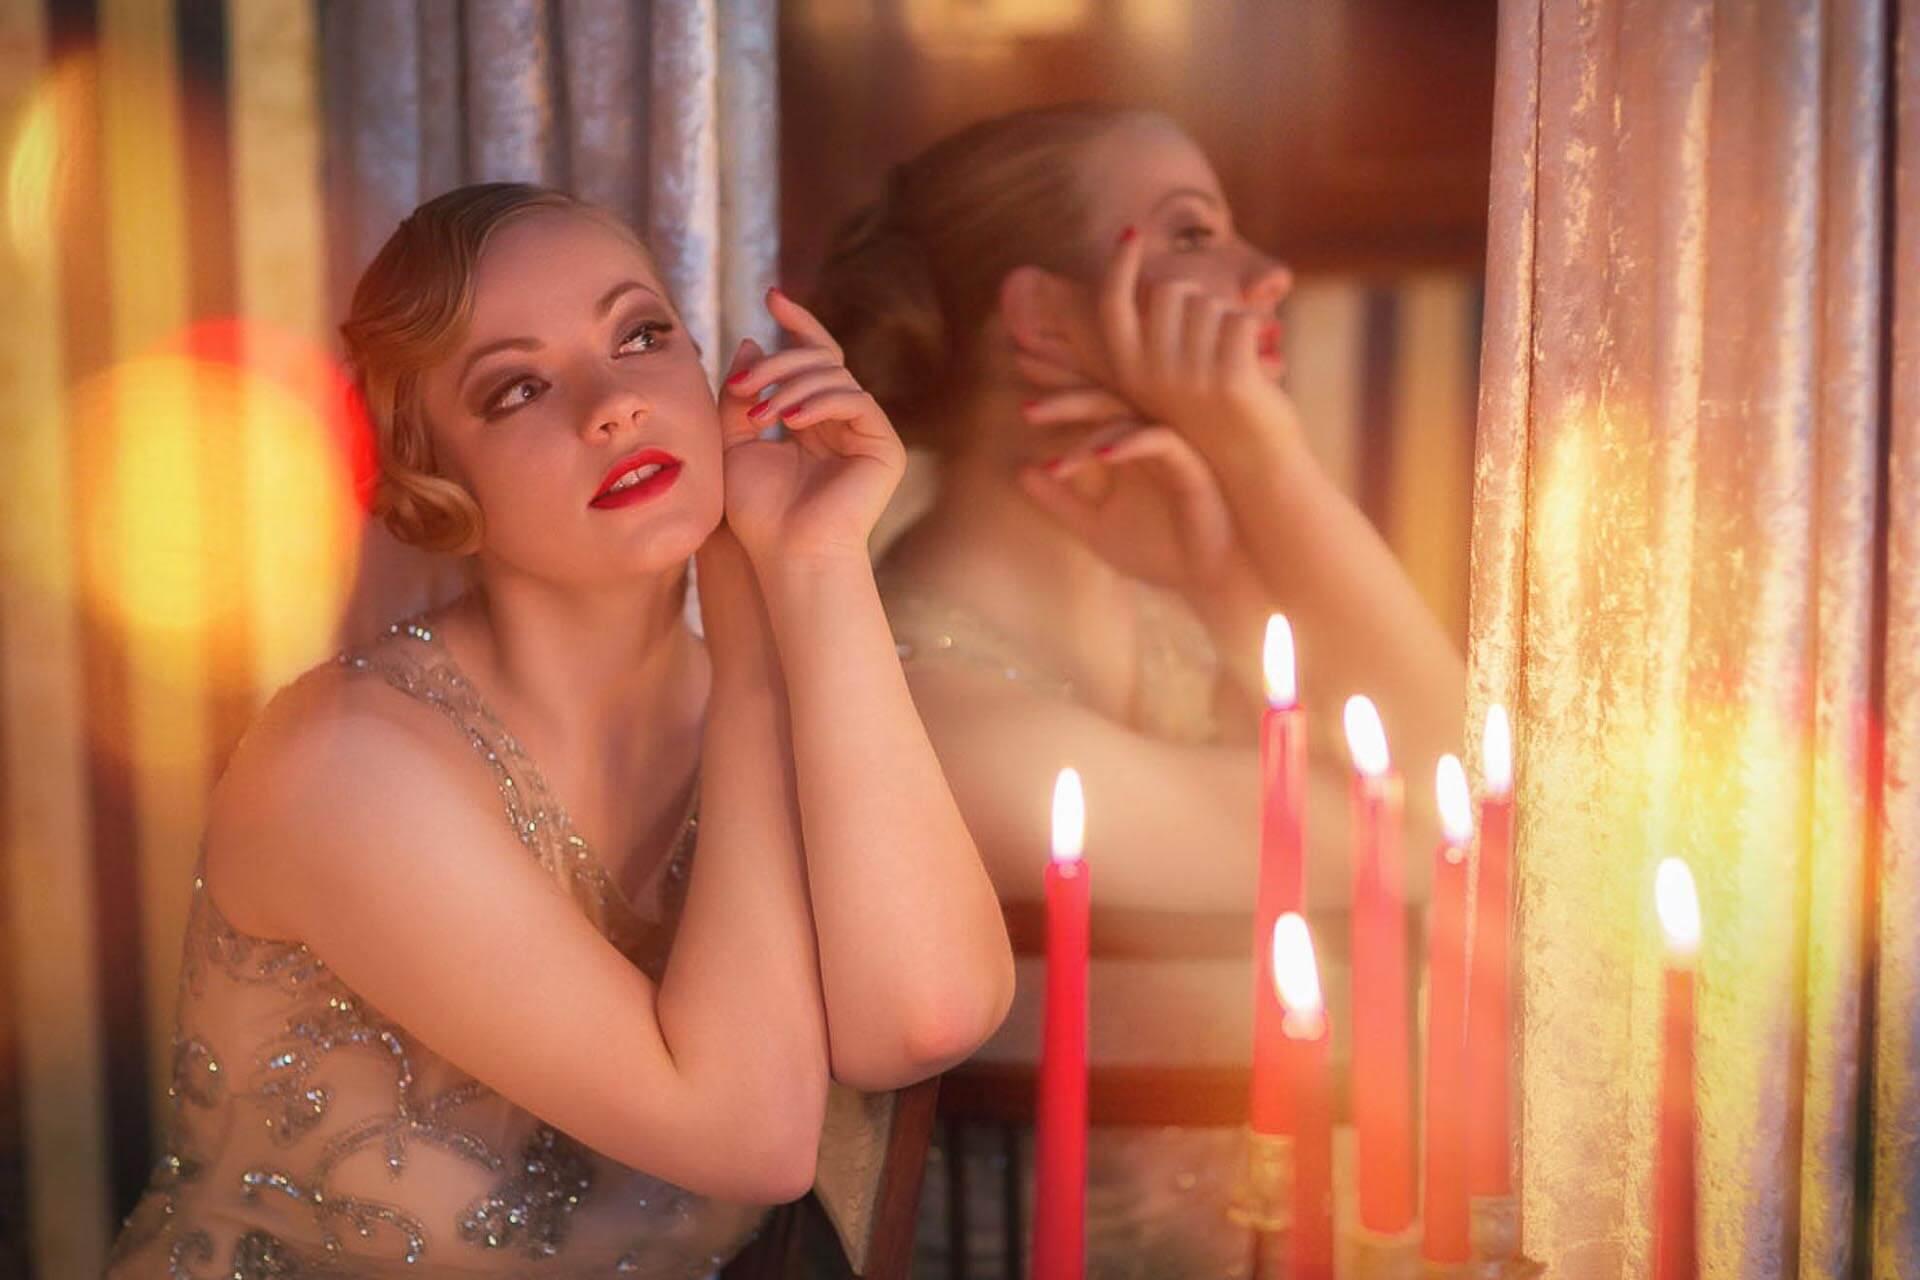 Halbportrait-Fotostudio-Dresden-Fotograf-20iger Jahre-Shooting-Spiegel-Dress-Kerzen